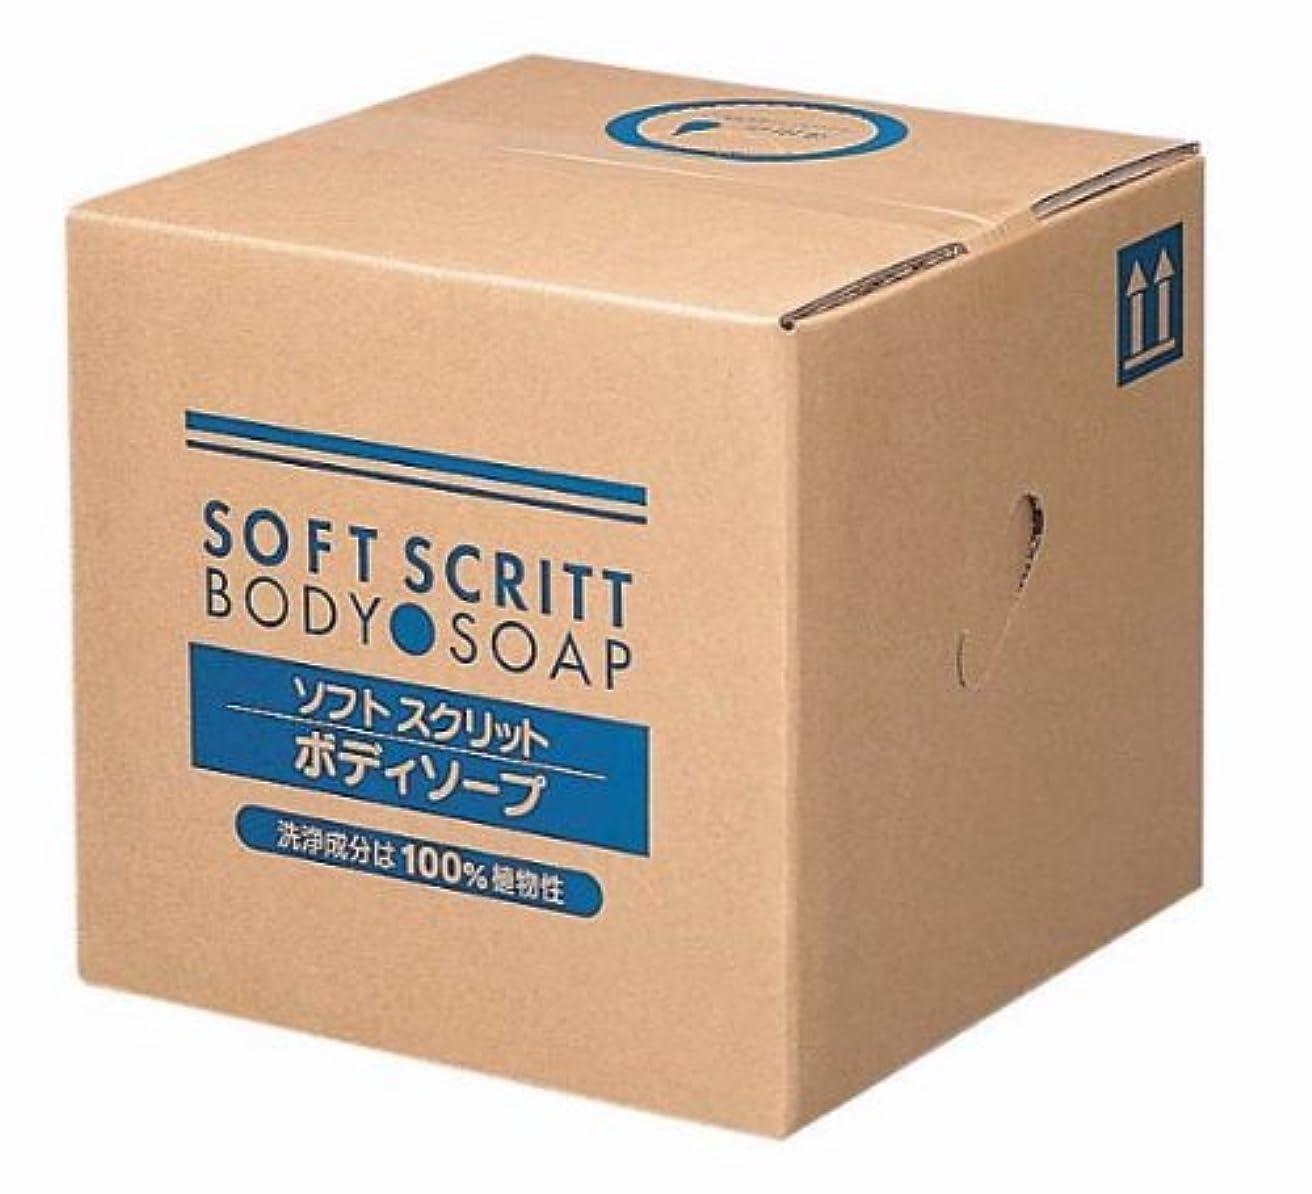 共役のためサーフィン熊野油脂 業務用 SOFT SCRITT(ソフト スクリット) ボディソープ 18L